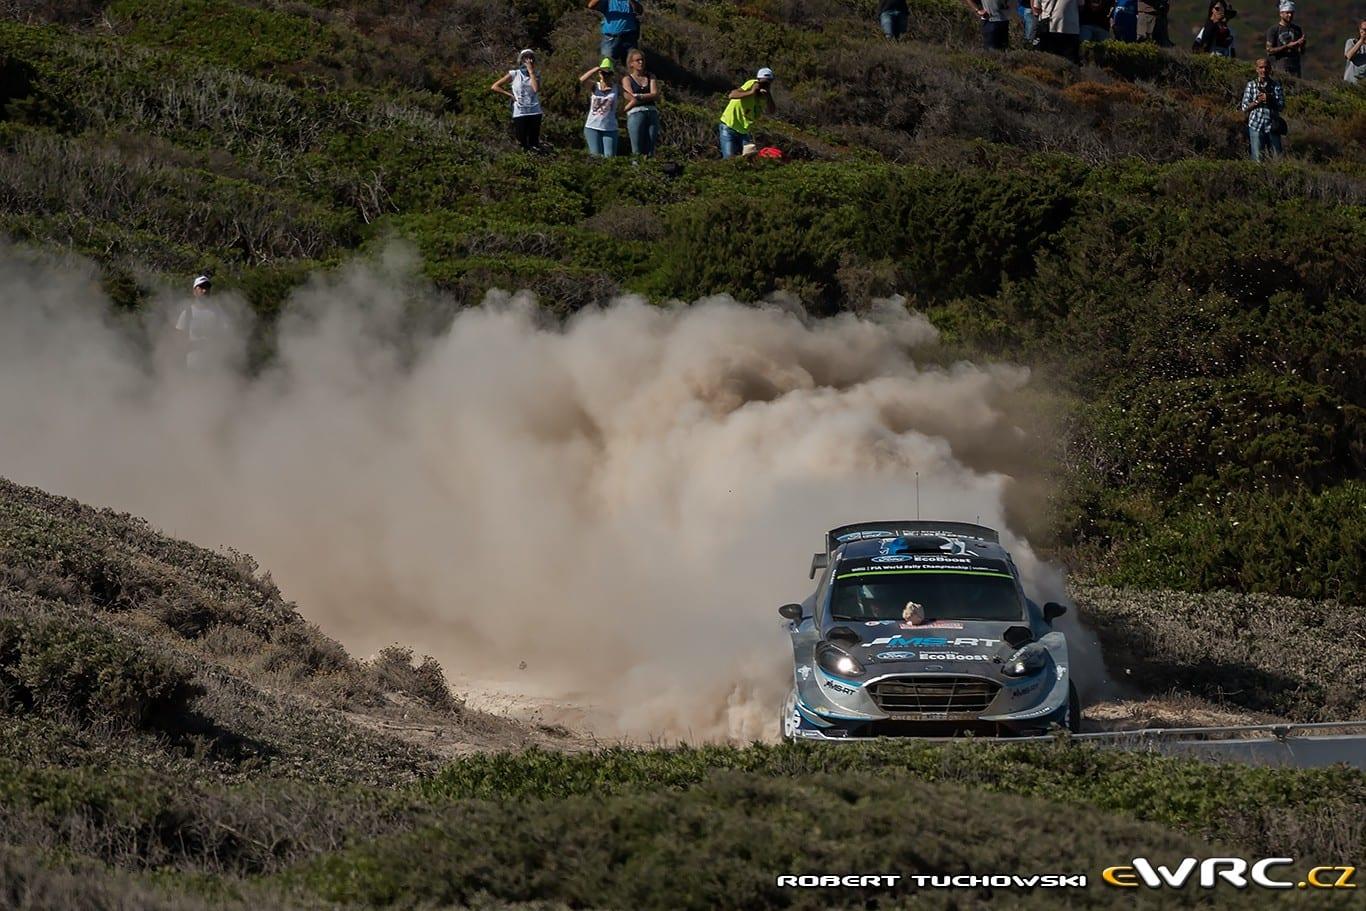 WRC: Ράλλυ Σαρδηνίας 2017, Αποτελέσματα